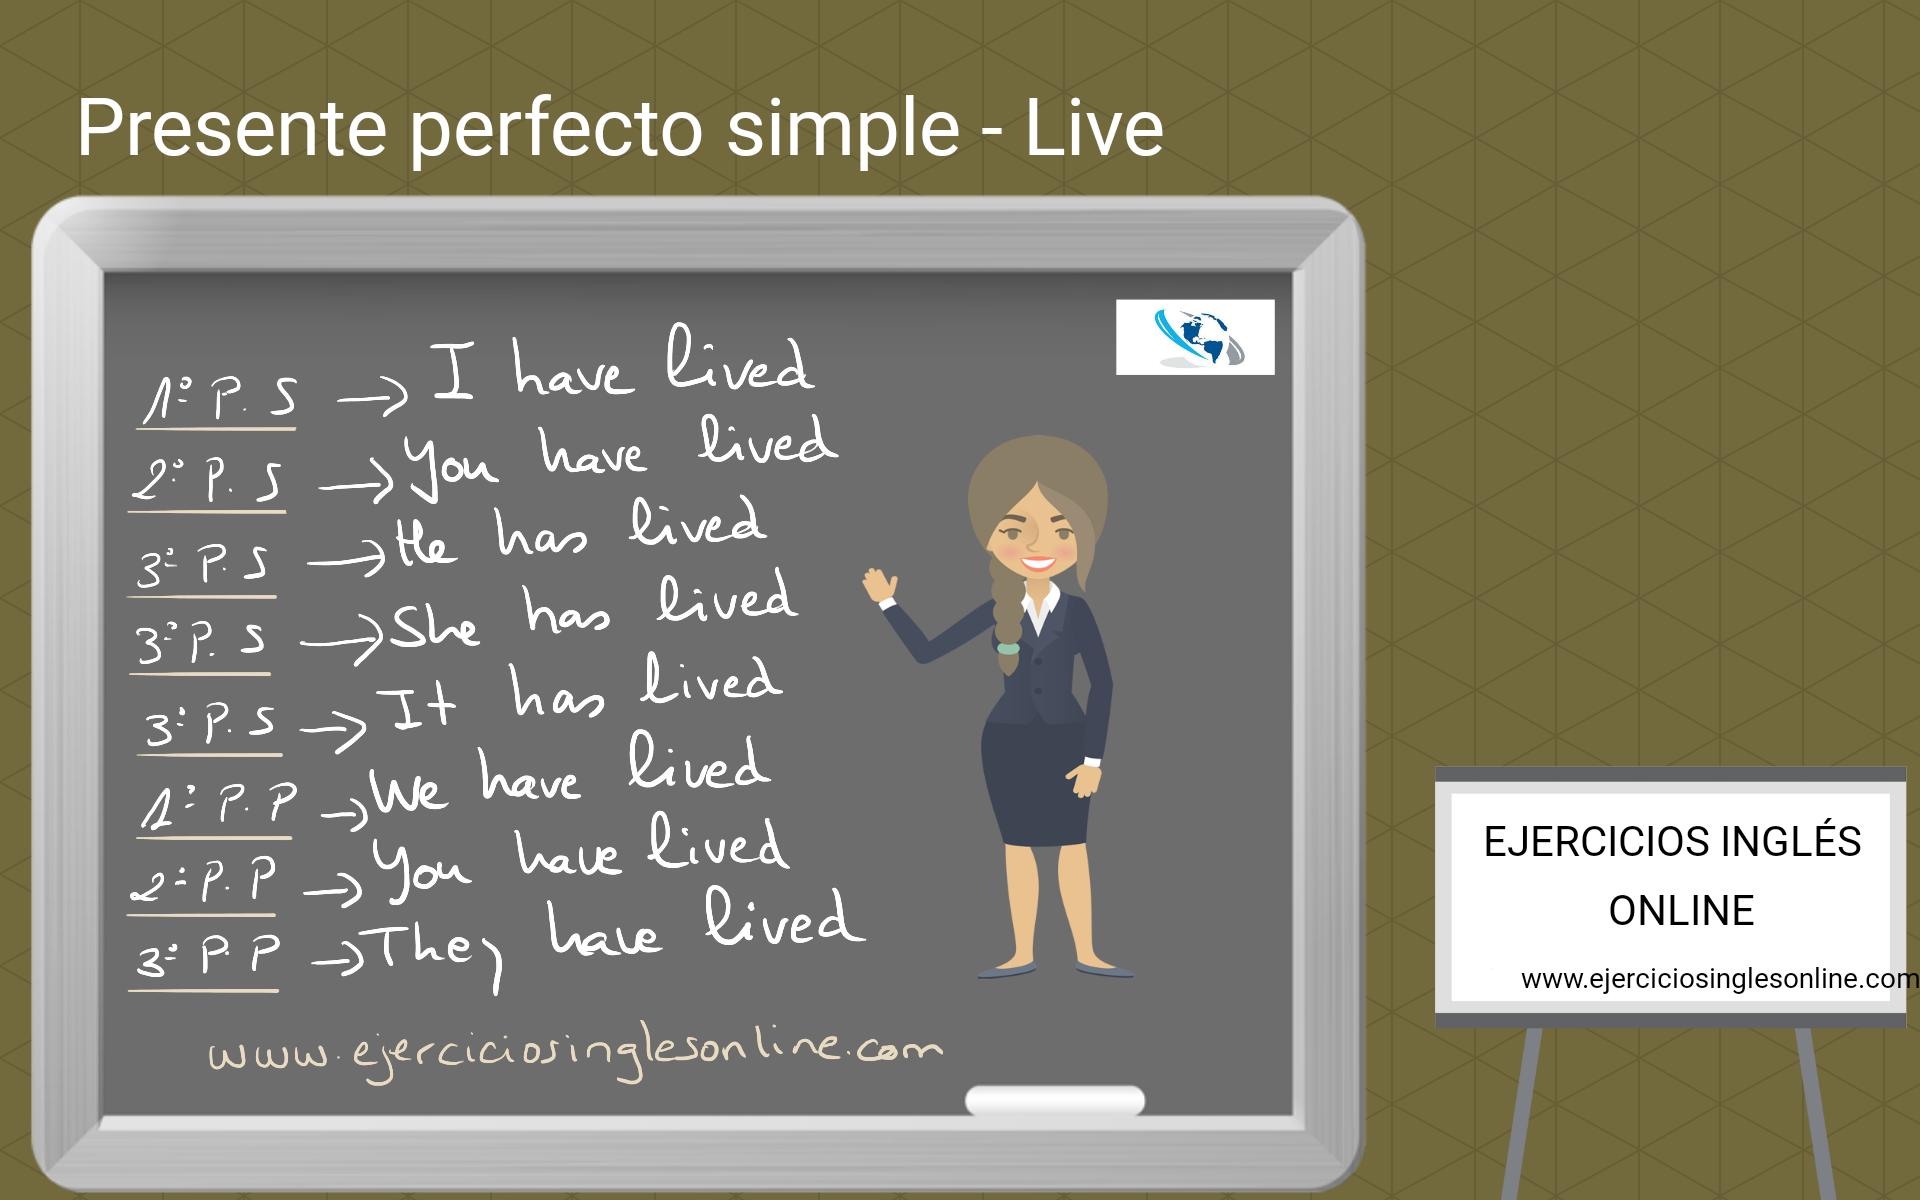 Presente perfecto simple - Ejercicio 5 - Interactivo